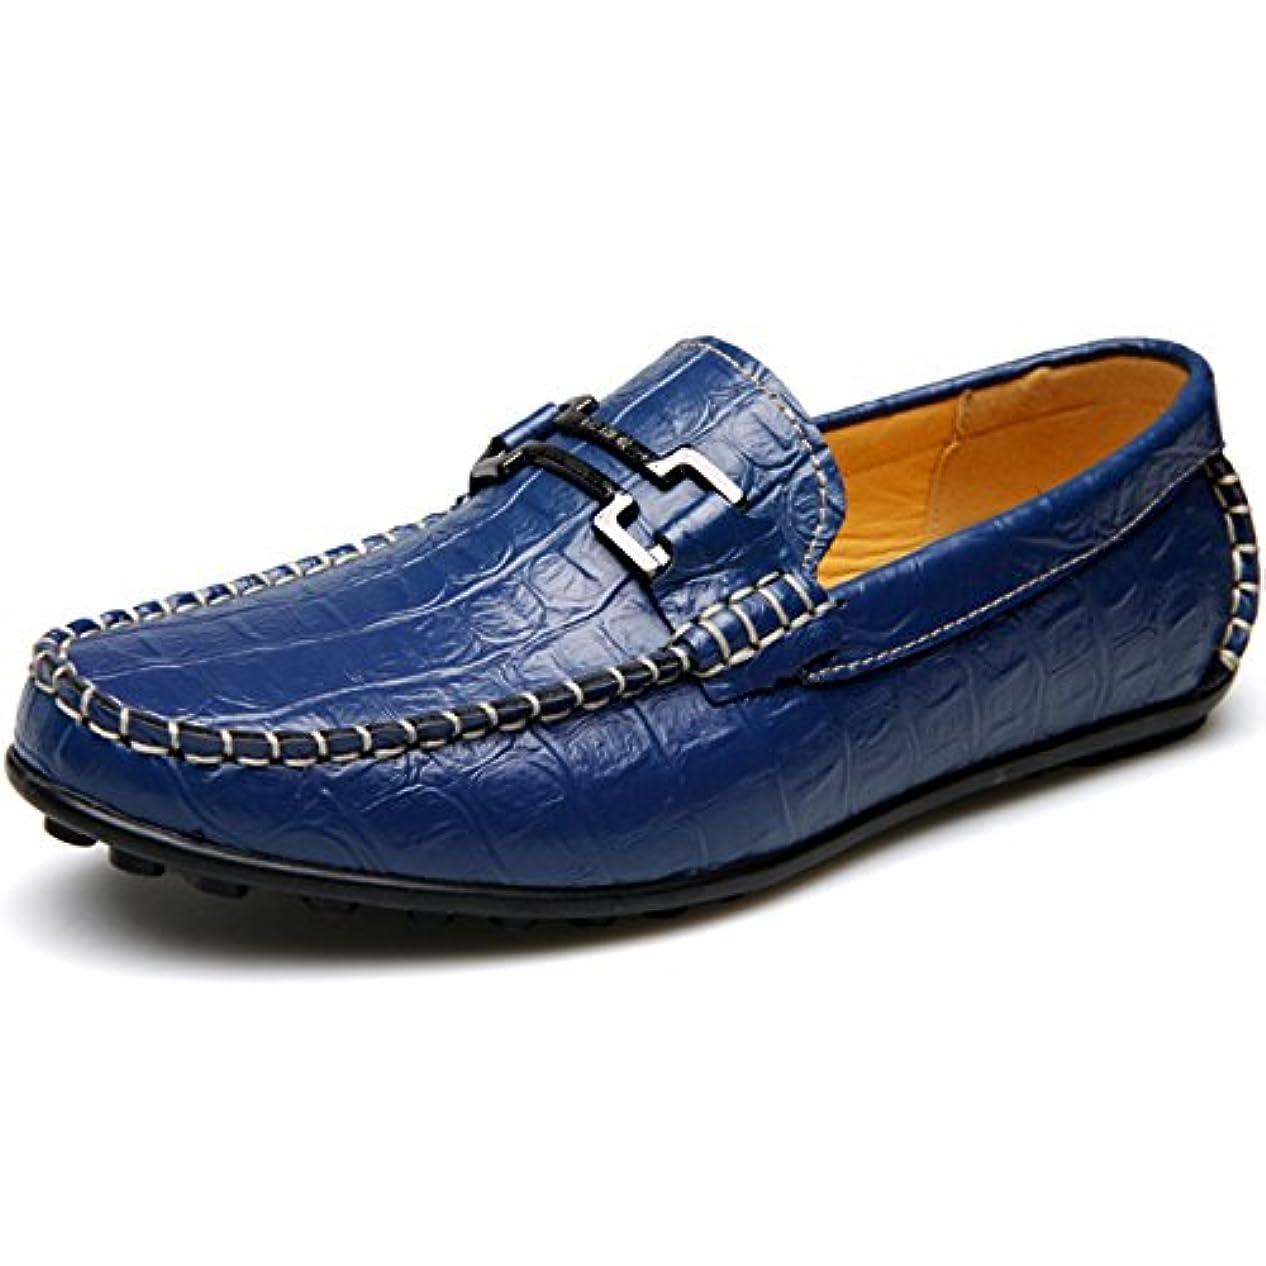 額六分儀最大限「トーフォズ」 Toofortze 皮靴 革靴 紳士靴 デッキシューズ レジャーシューズ カジュア ルローフ 海波麗 本革 牛革 ワニ柄 滑り止め 耐摩耗性 通気性 おしゃれ 超軽量 メンズ 四季